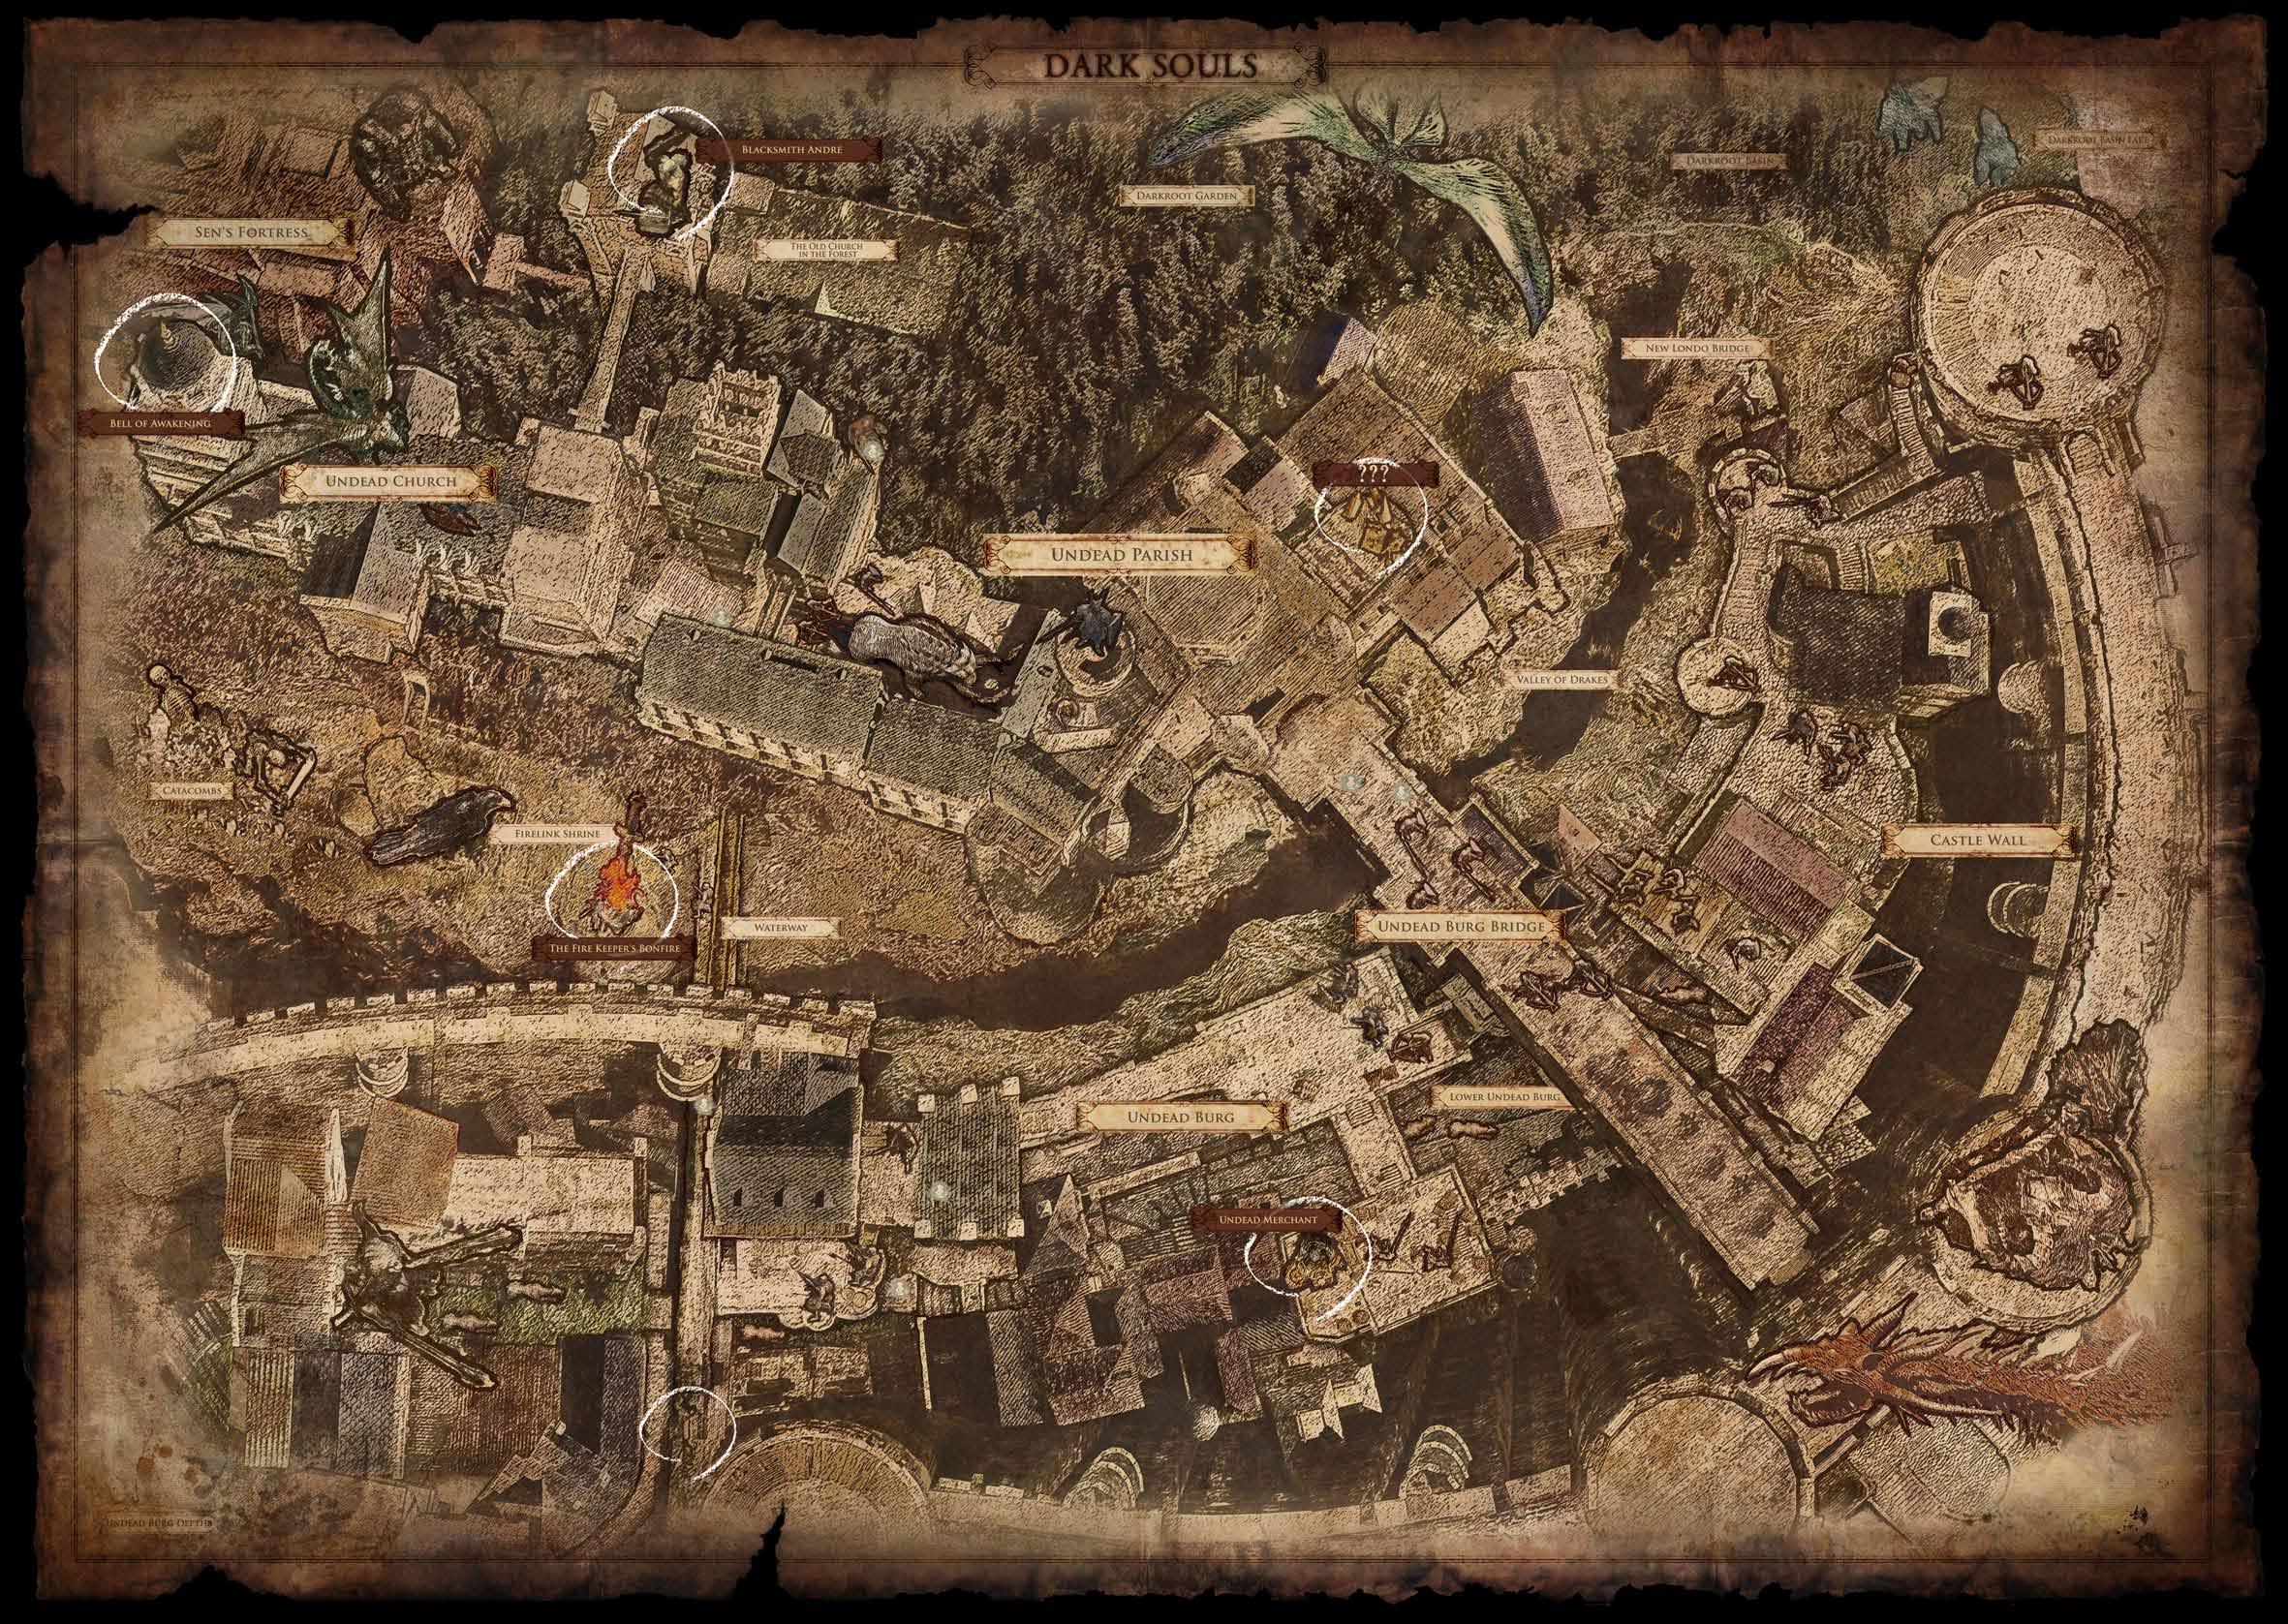 Dark Souls Map Wallpapers - Top Free Dark Souls Map ...